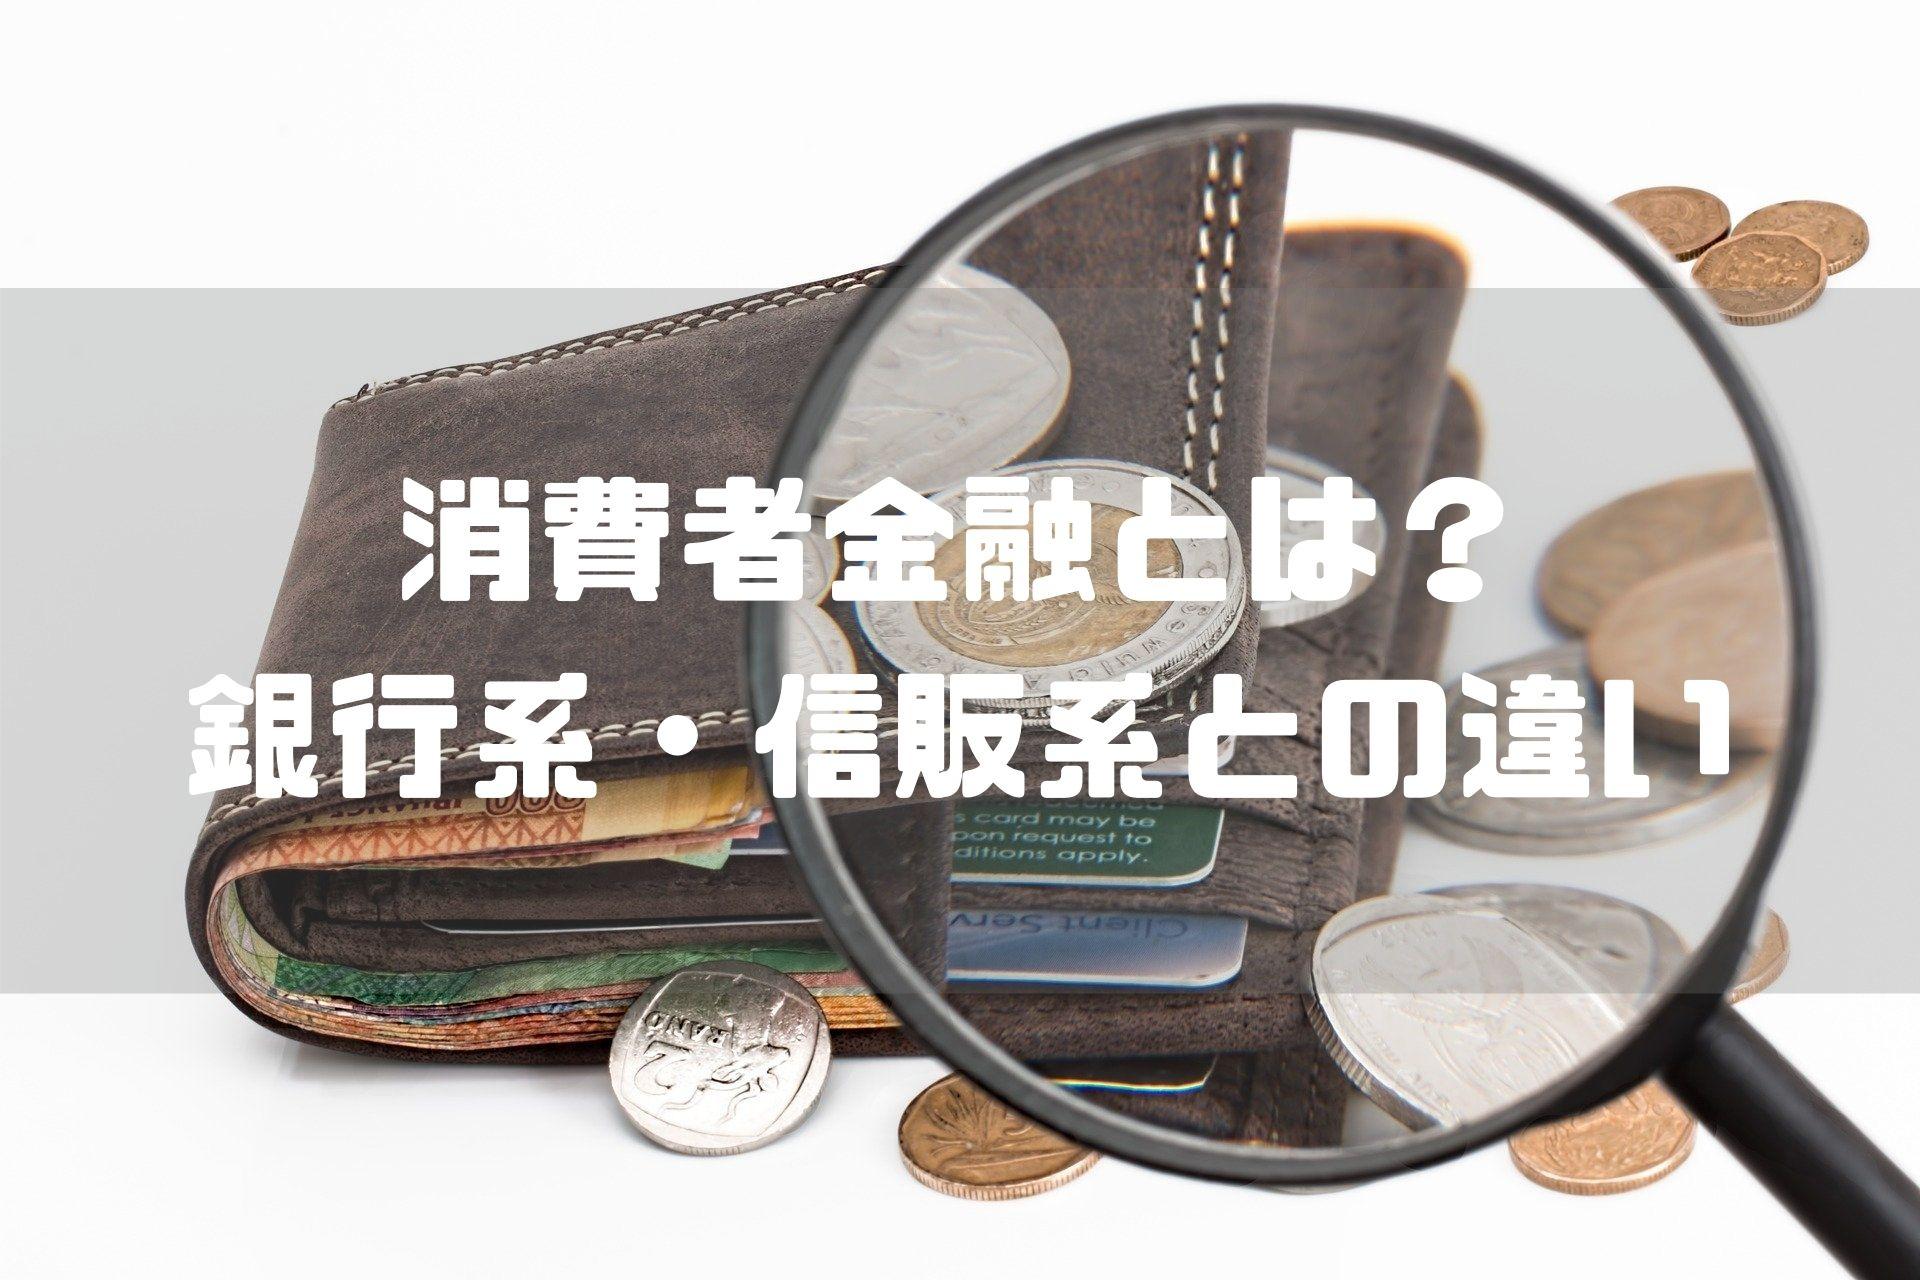 消費者金融_銀行_信販会社